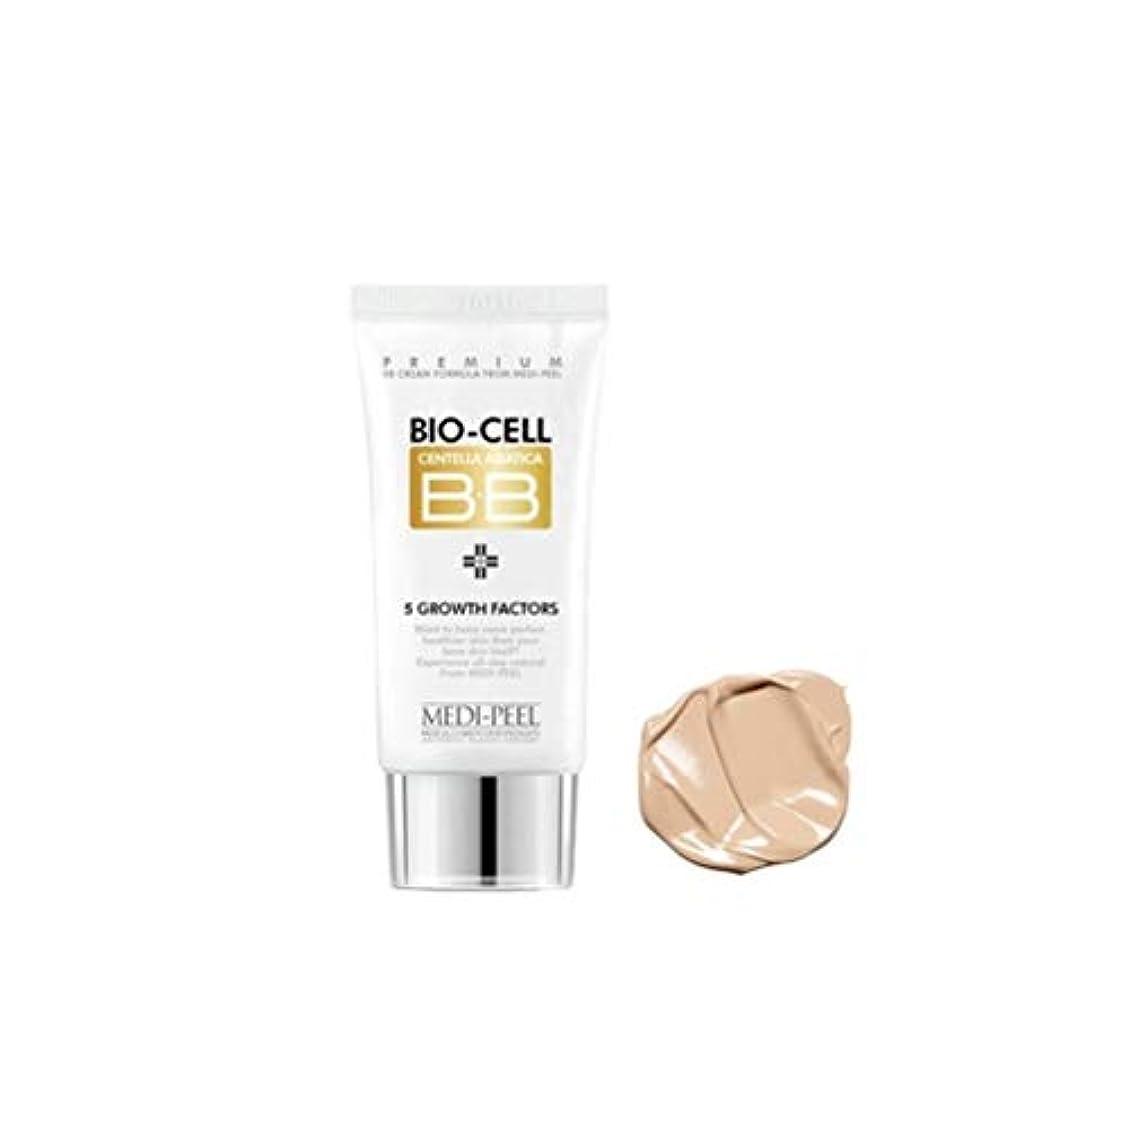 花嫁自治重力[Medi-Peel] メディピール バイオセル BBクリーム 50ml. [美.白?シワ.改善2重機能性化粧品] Medi-Peel Bio-cell BB Cream 50ml.